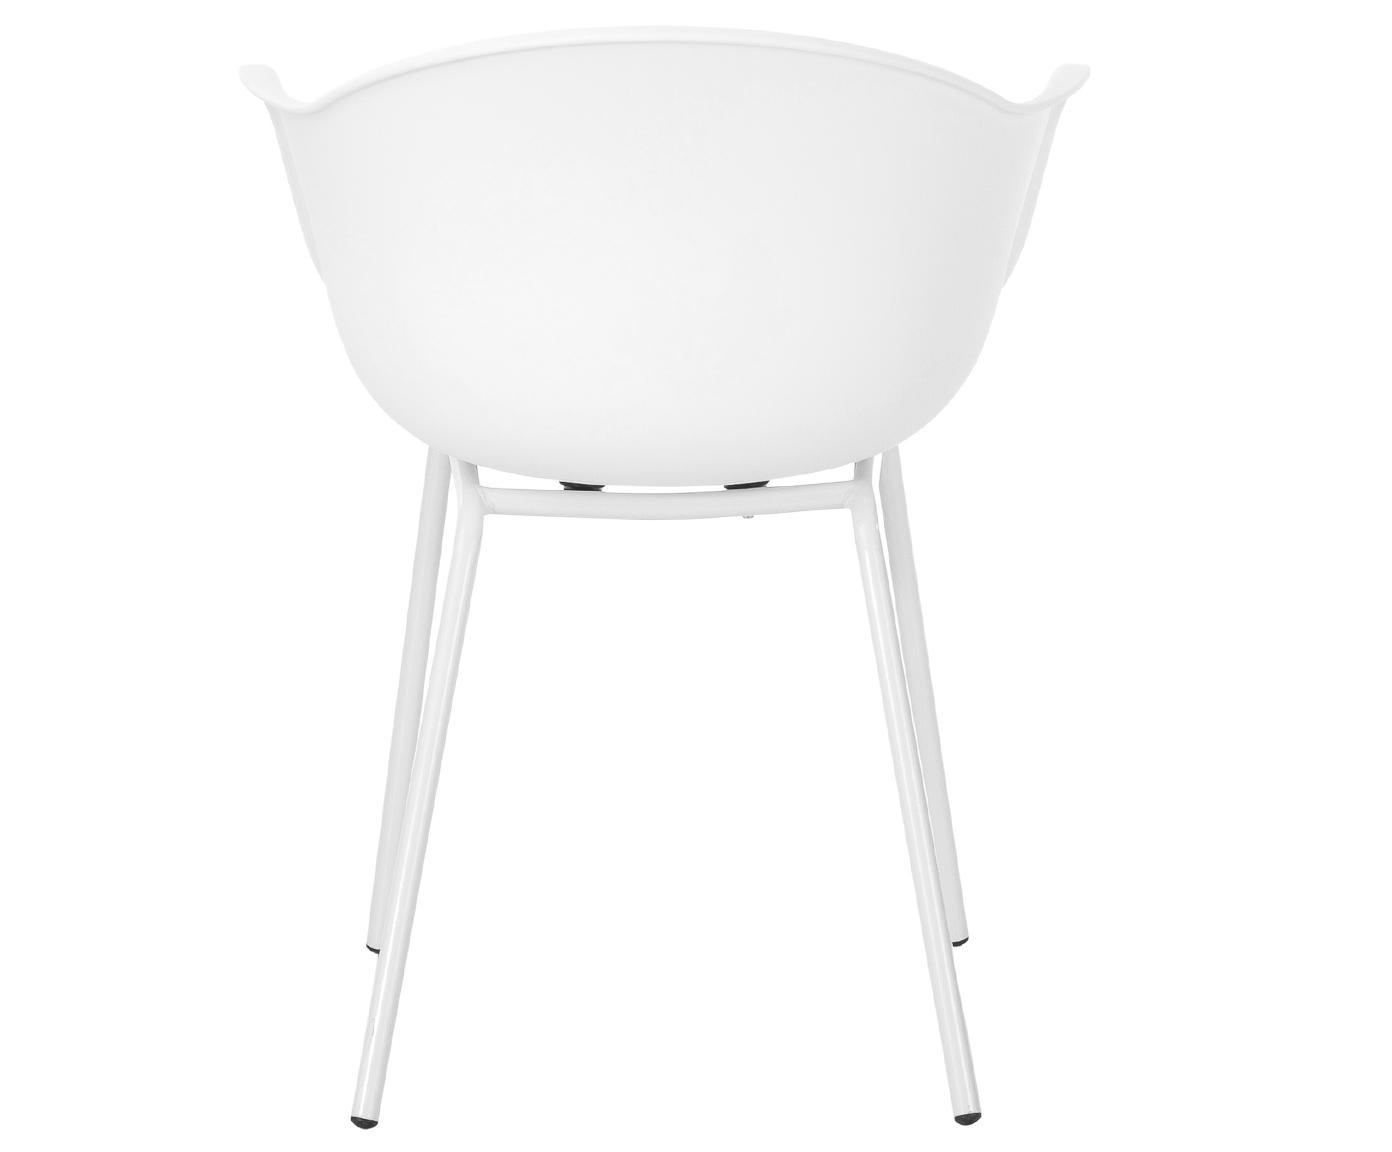 Krzesło z podłokietnikami z tworzywa sztucznego Claire, Nogi: metal malowany proszkowo, Biały, S 54 x G 60 cm